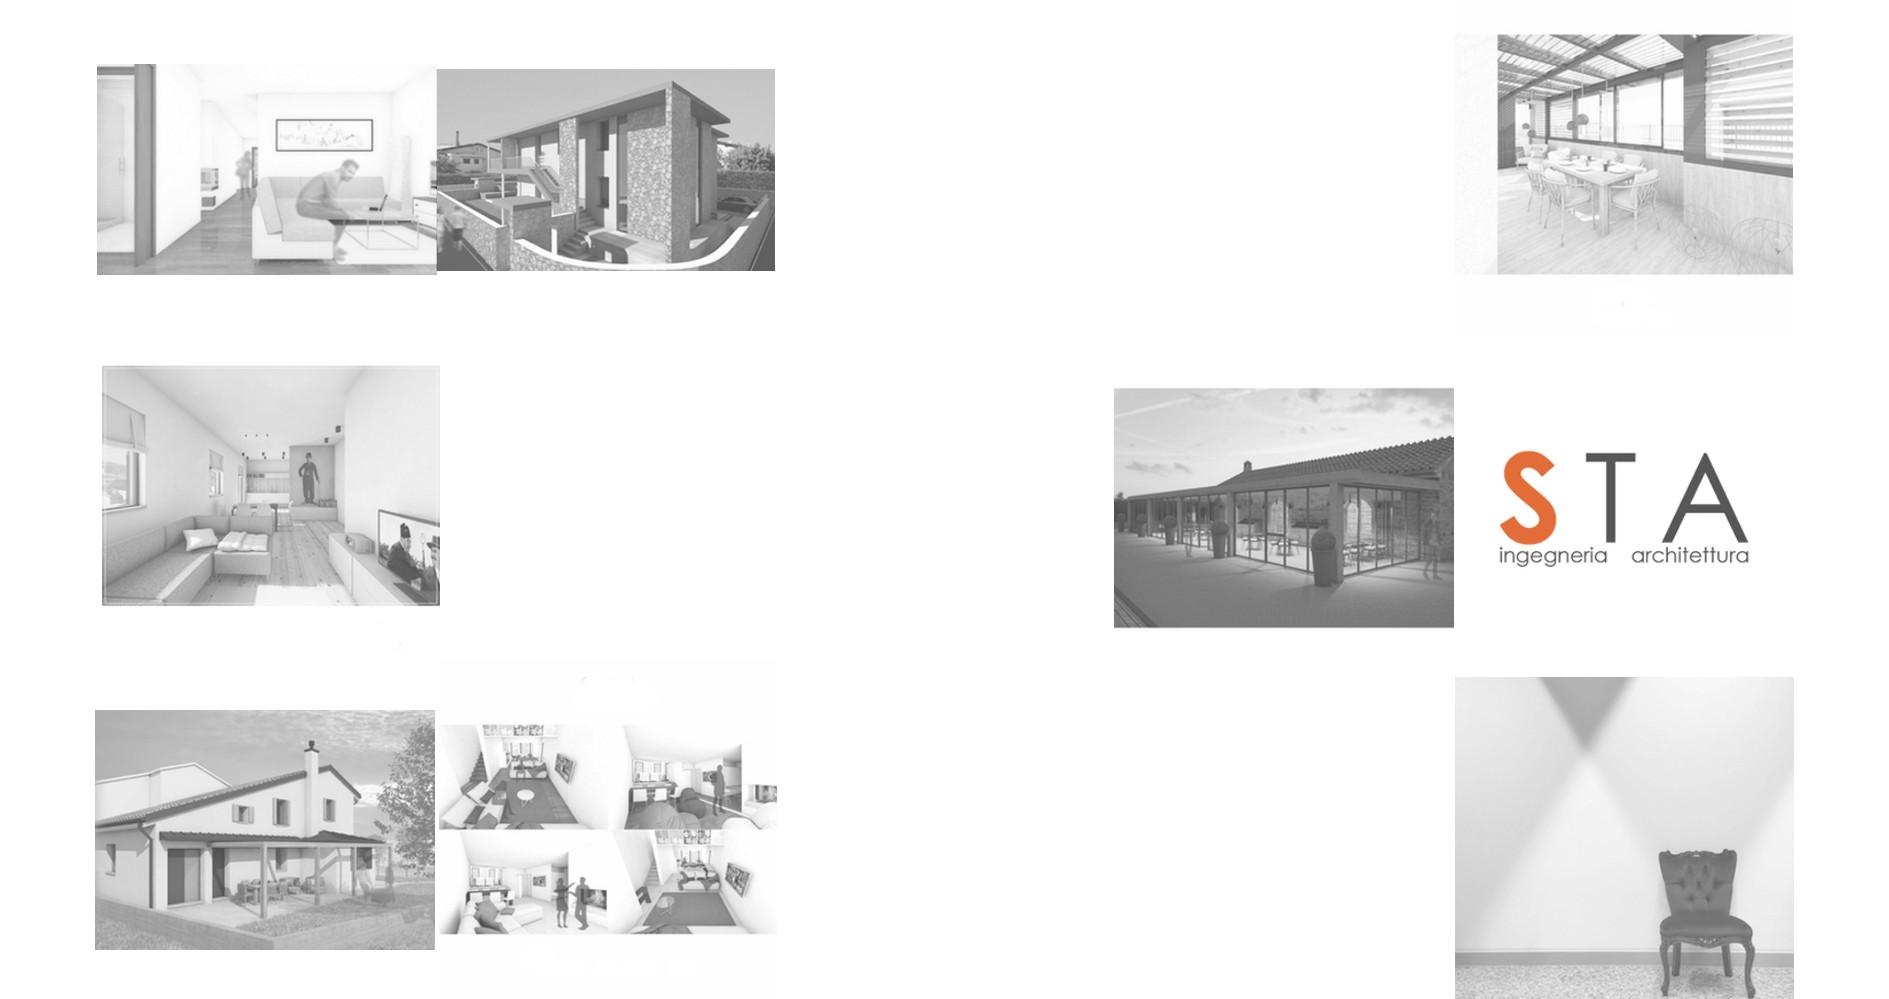 Architetto Bassano Del Grappa sta - ingegneria architettura | linkedin